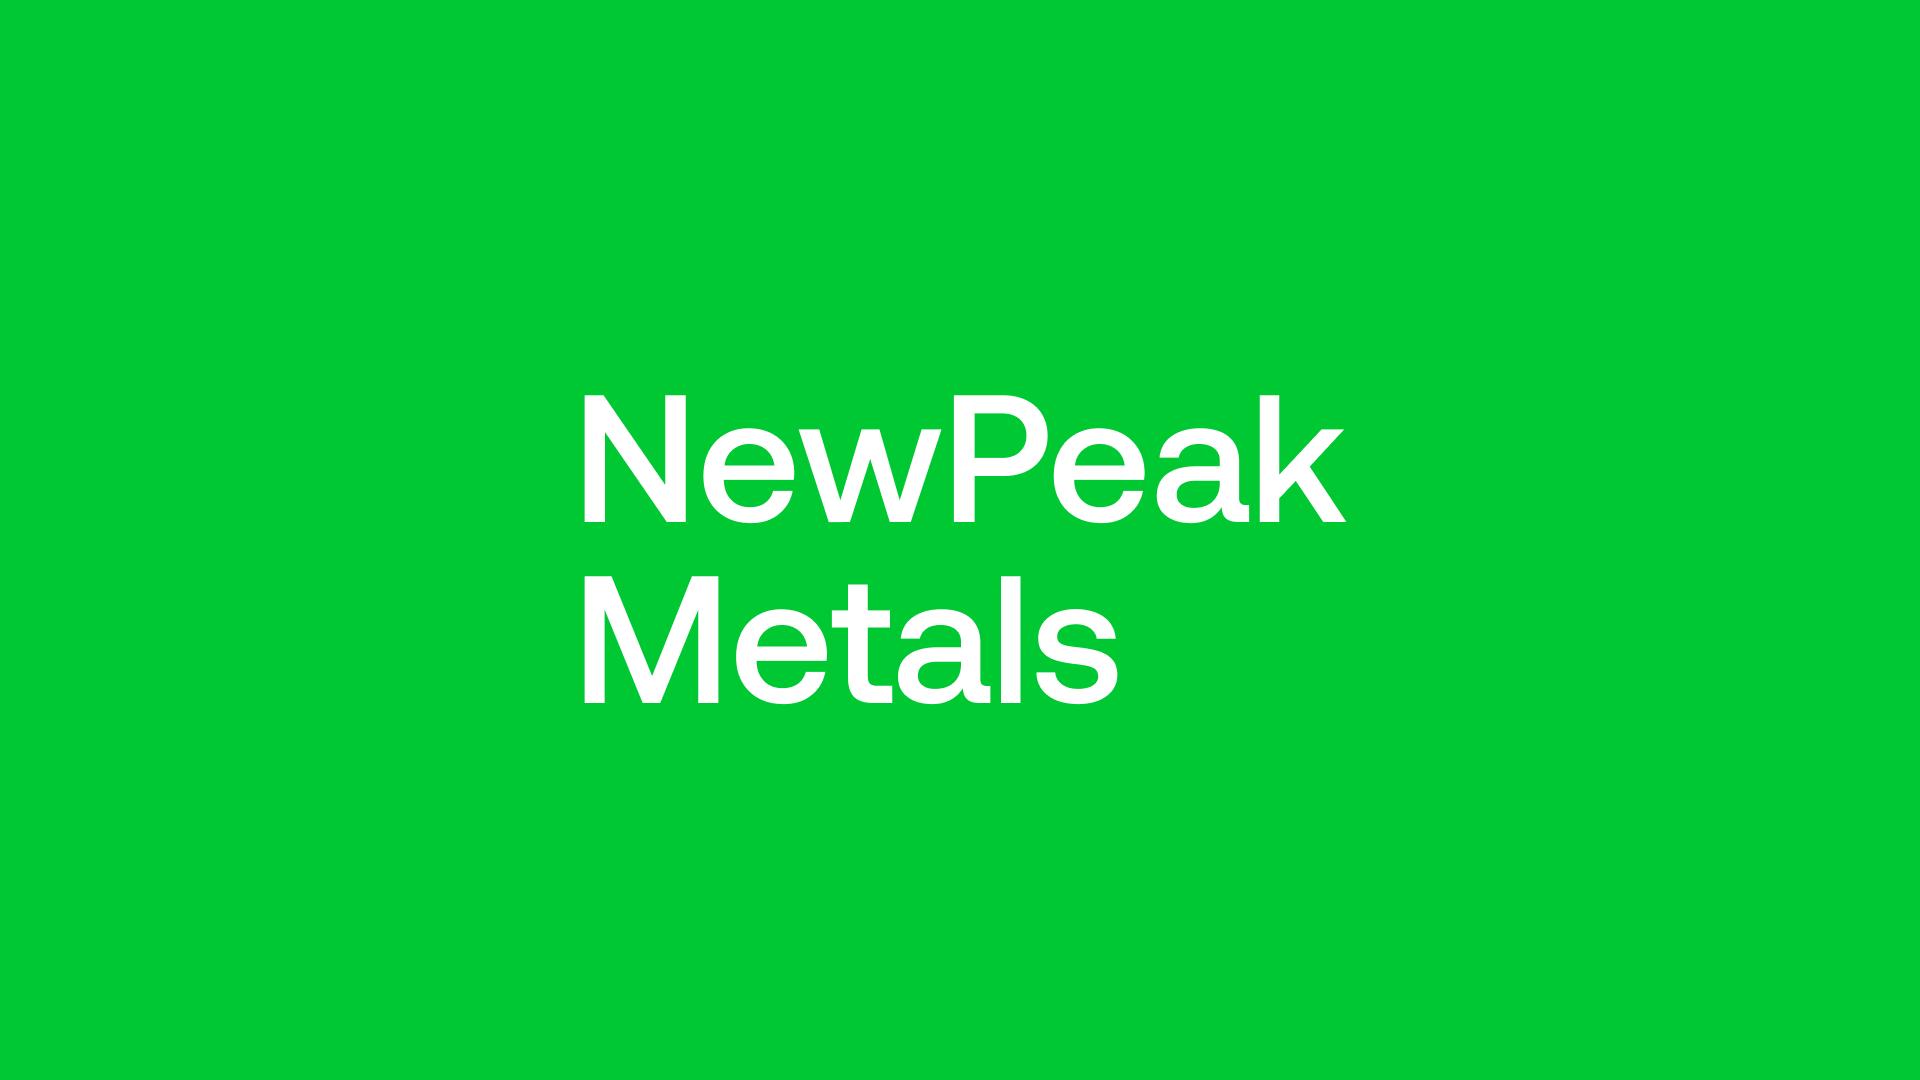 NewPeak Metals (NPM) - Gold Exploration v Project Generation